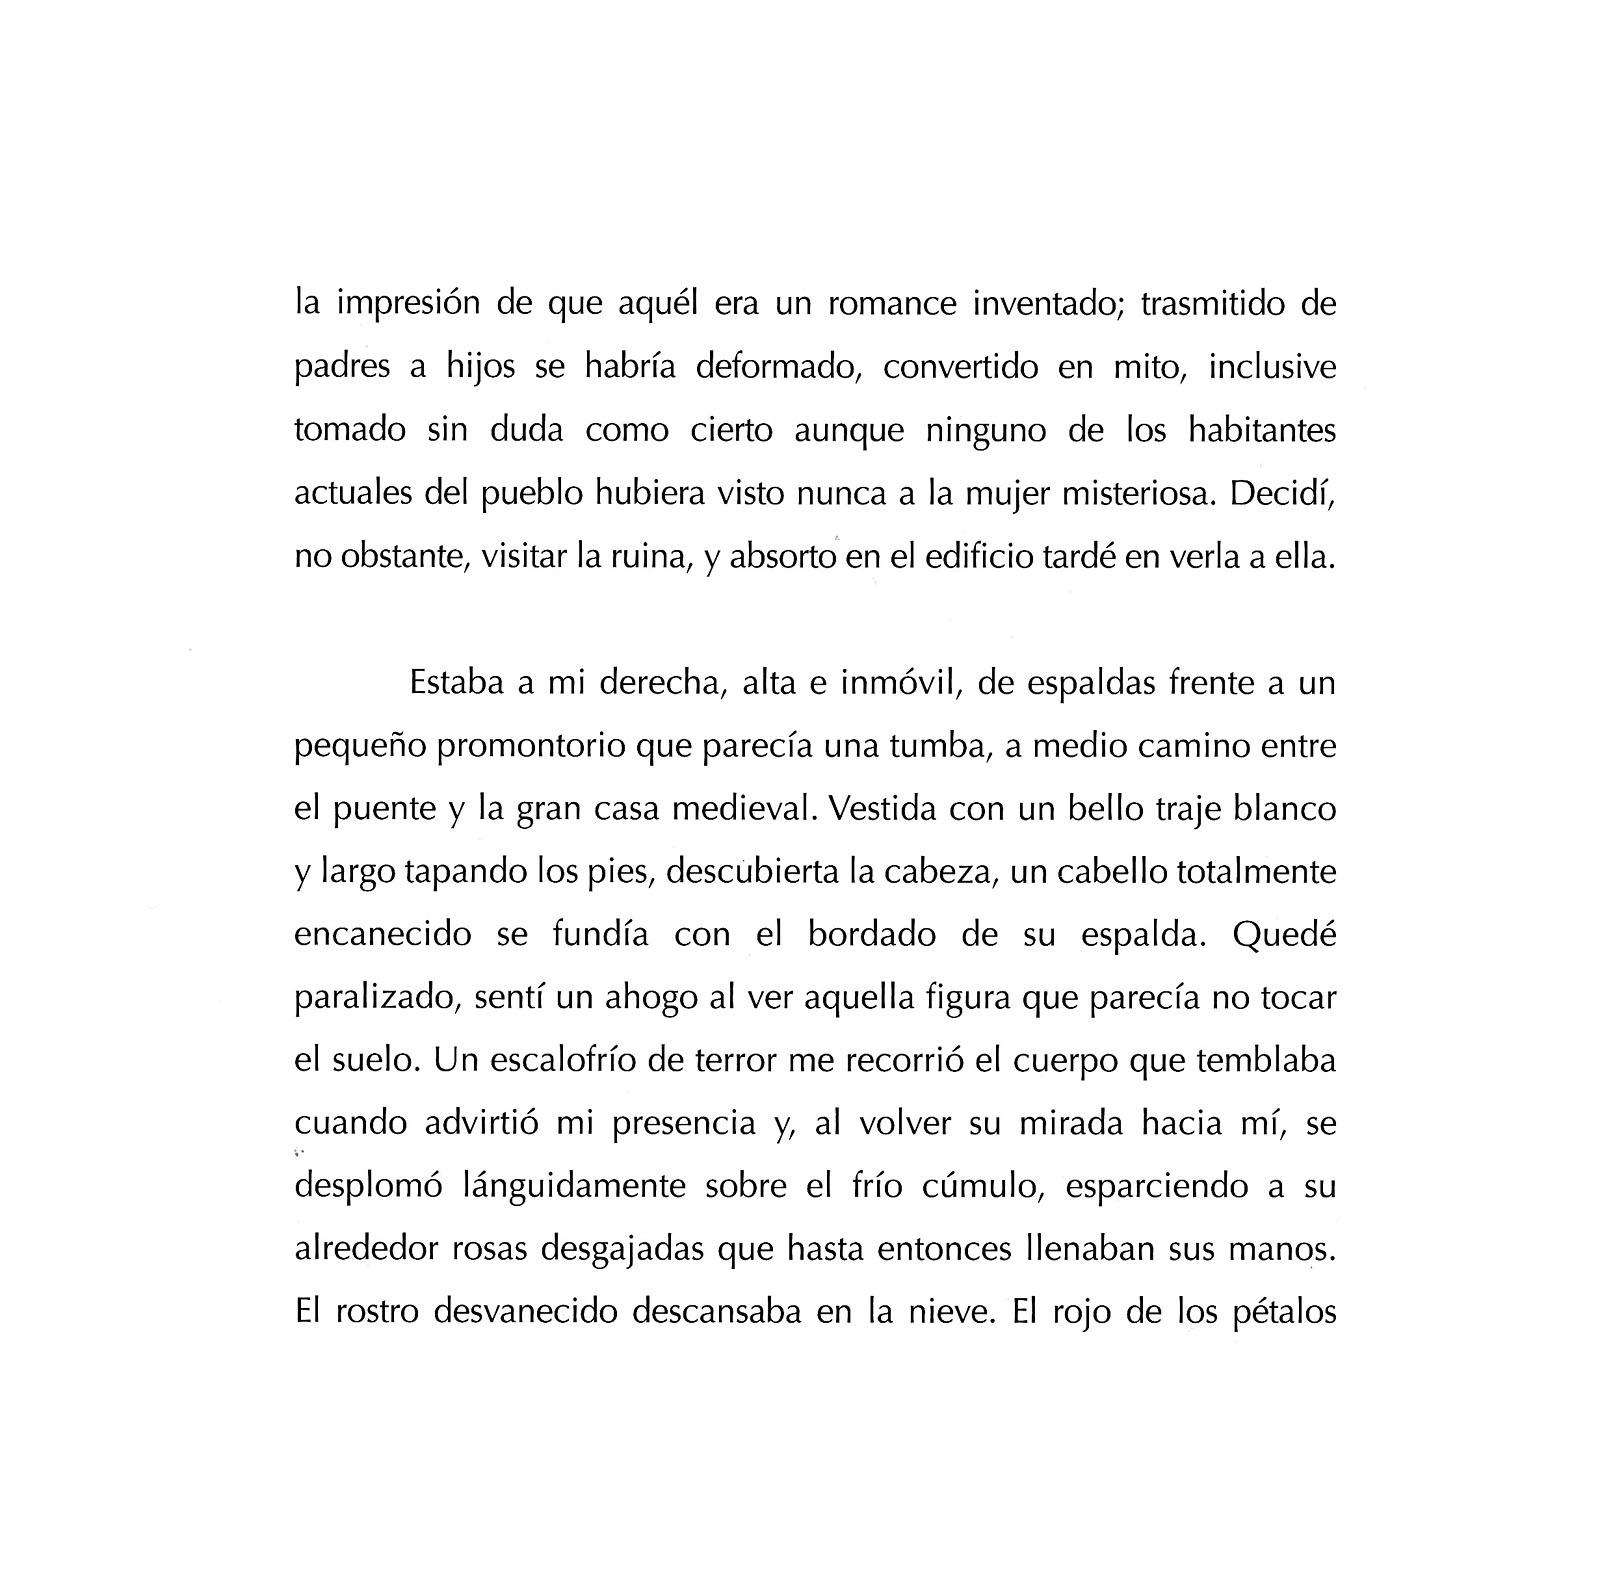 danielvillalobos-calderonsamaniego-shortnovel-spanishliterature-11